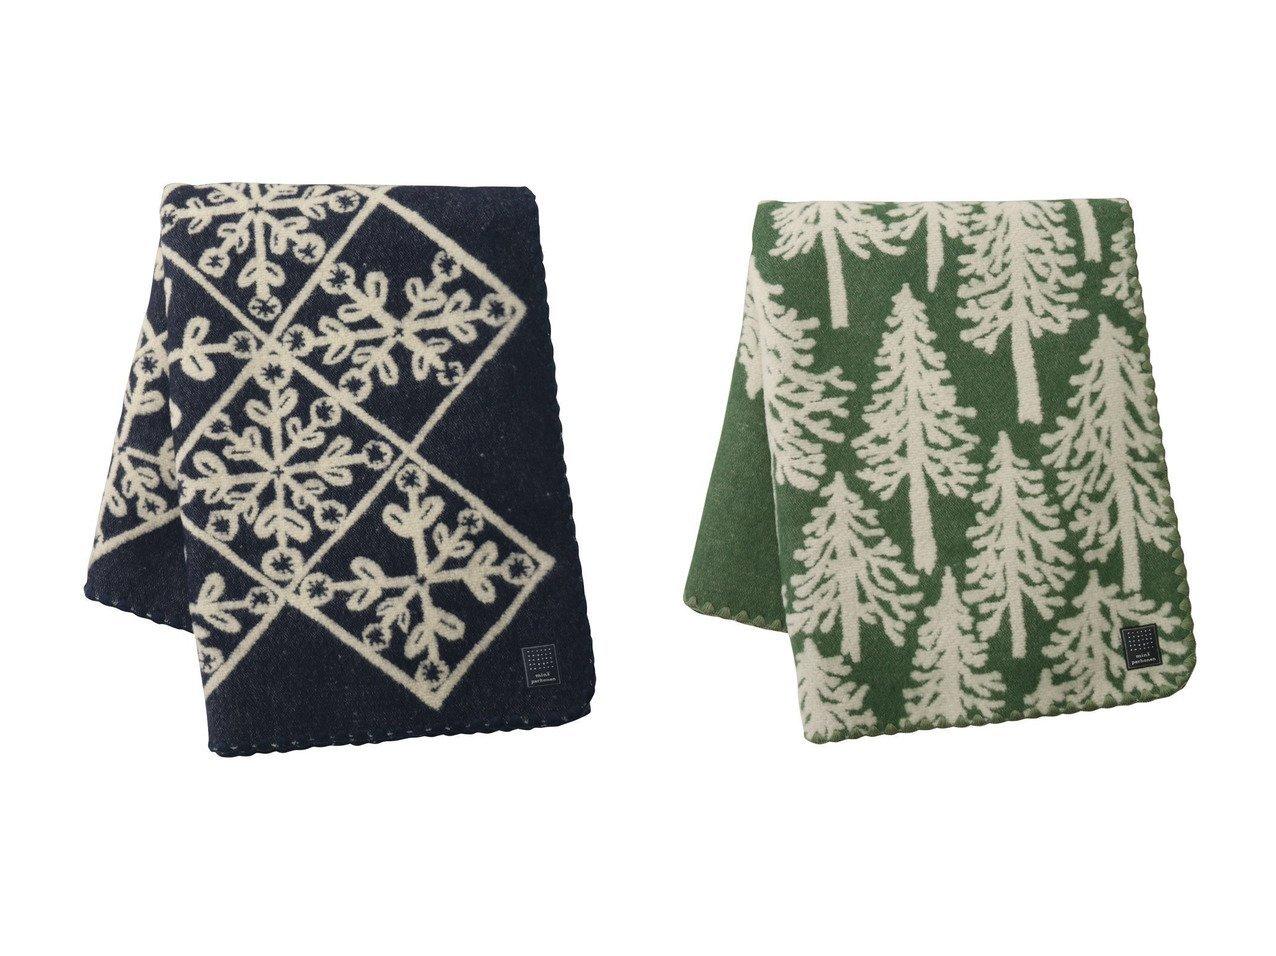 【mina perhonen / GOODS/ミナ ペルホネン】のmetsa ブランケット Small(約105×146cm)&kaleidoscope ブランケット Small(約110×146cm) おすすめ!人気、レディースファッションの通販 おすすめで人気のファッション通販商品 インテリア・家具・キッズファッション・メンズファッション・レディースファッション・服の通販 founy(ファニー) https://founy.com/ エレガント ブランケット 防寒 |ID:crp329100000003836